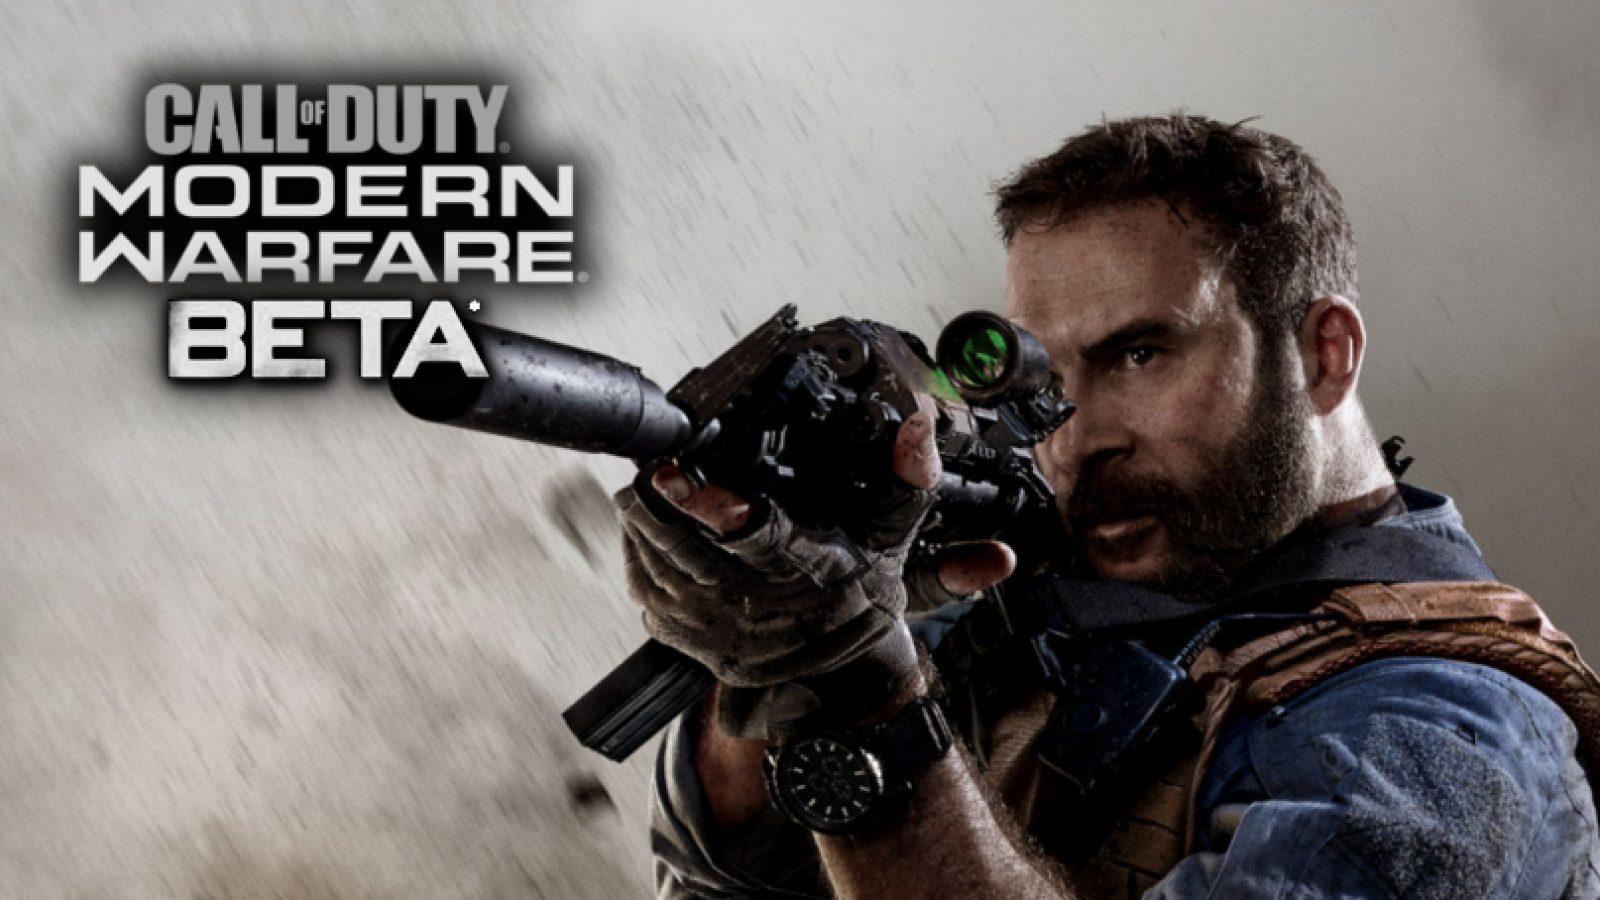 Dostęp do zamkniętej bety Call of Duty: Modern Warfare dla każdego na PC/XO/PS4